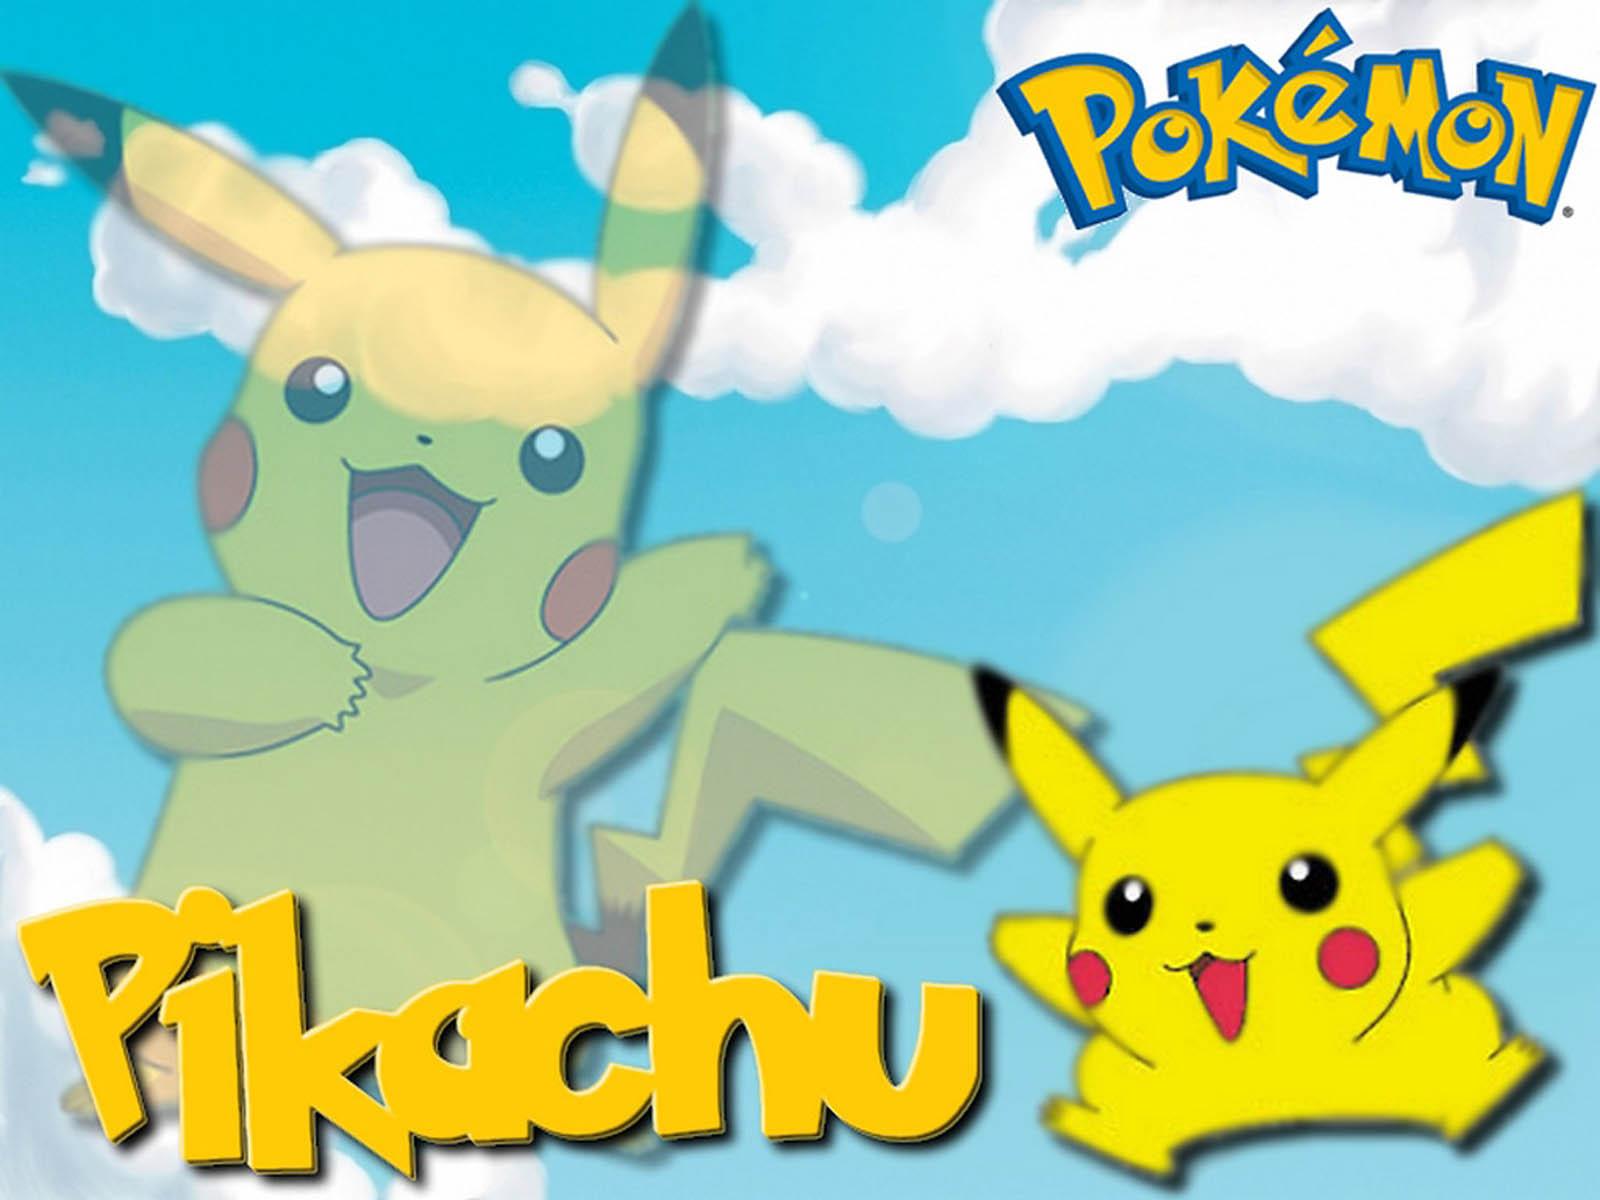 pikachu pokemon wallpapers pikachu pokemon desktop wallpapers pikachu 1600x1200